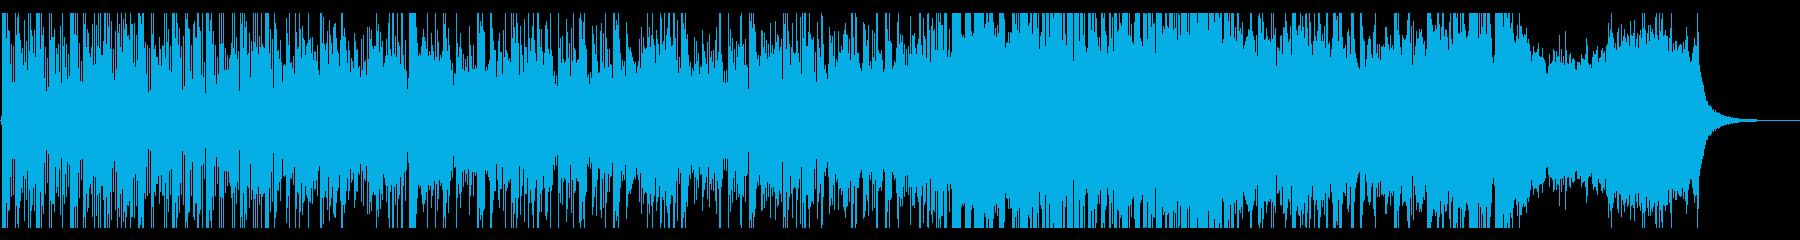 エスニック系打楽器を主とした格闘系の音楽の再生済みの波形